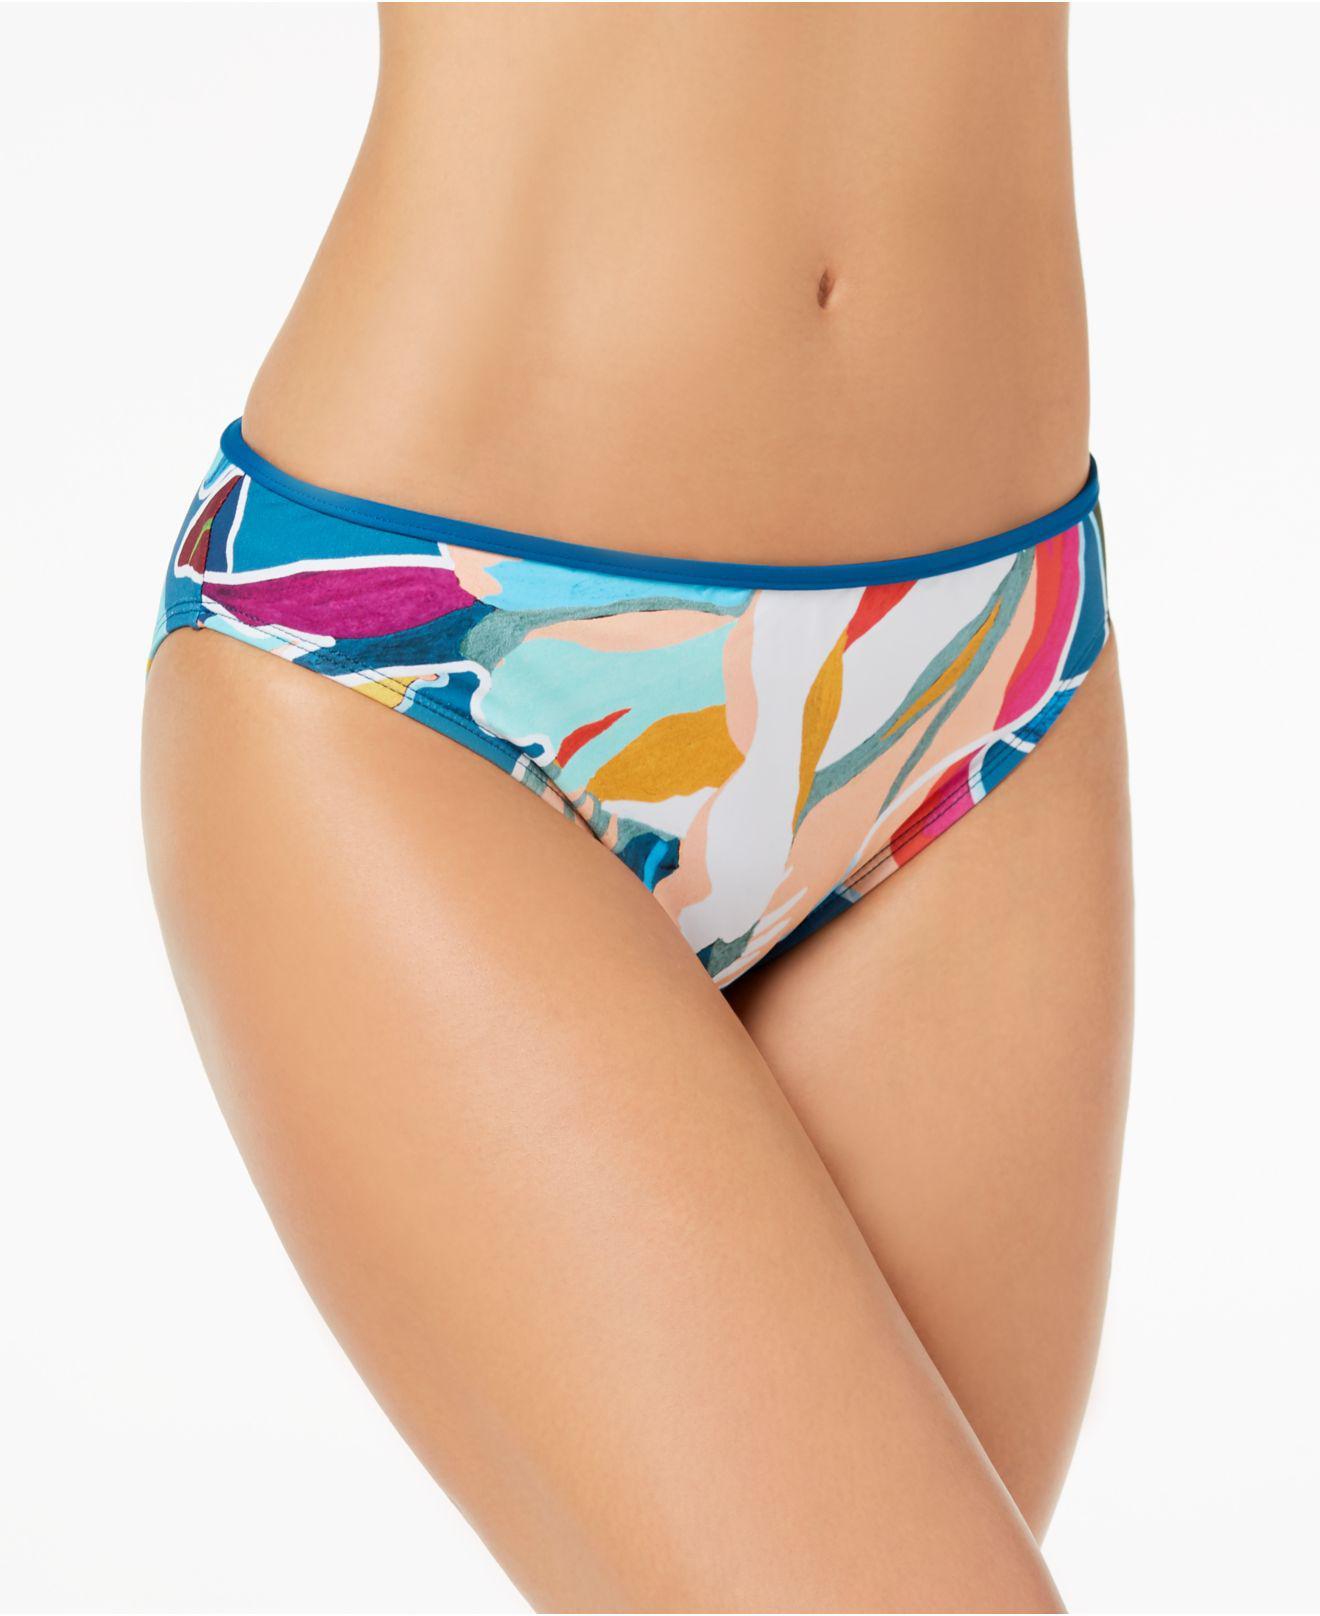 e900e8b6845 La Blanca Go With The Flo-ral Printed Hipster Bikini Bottoms in Blue ...